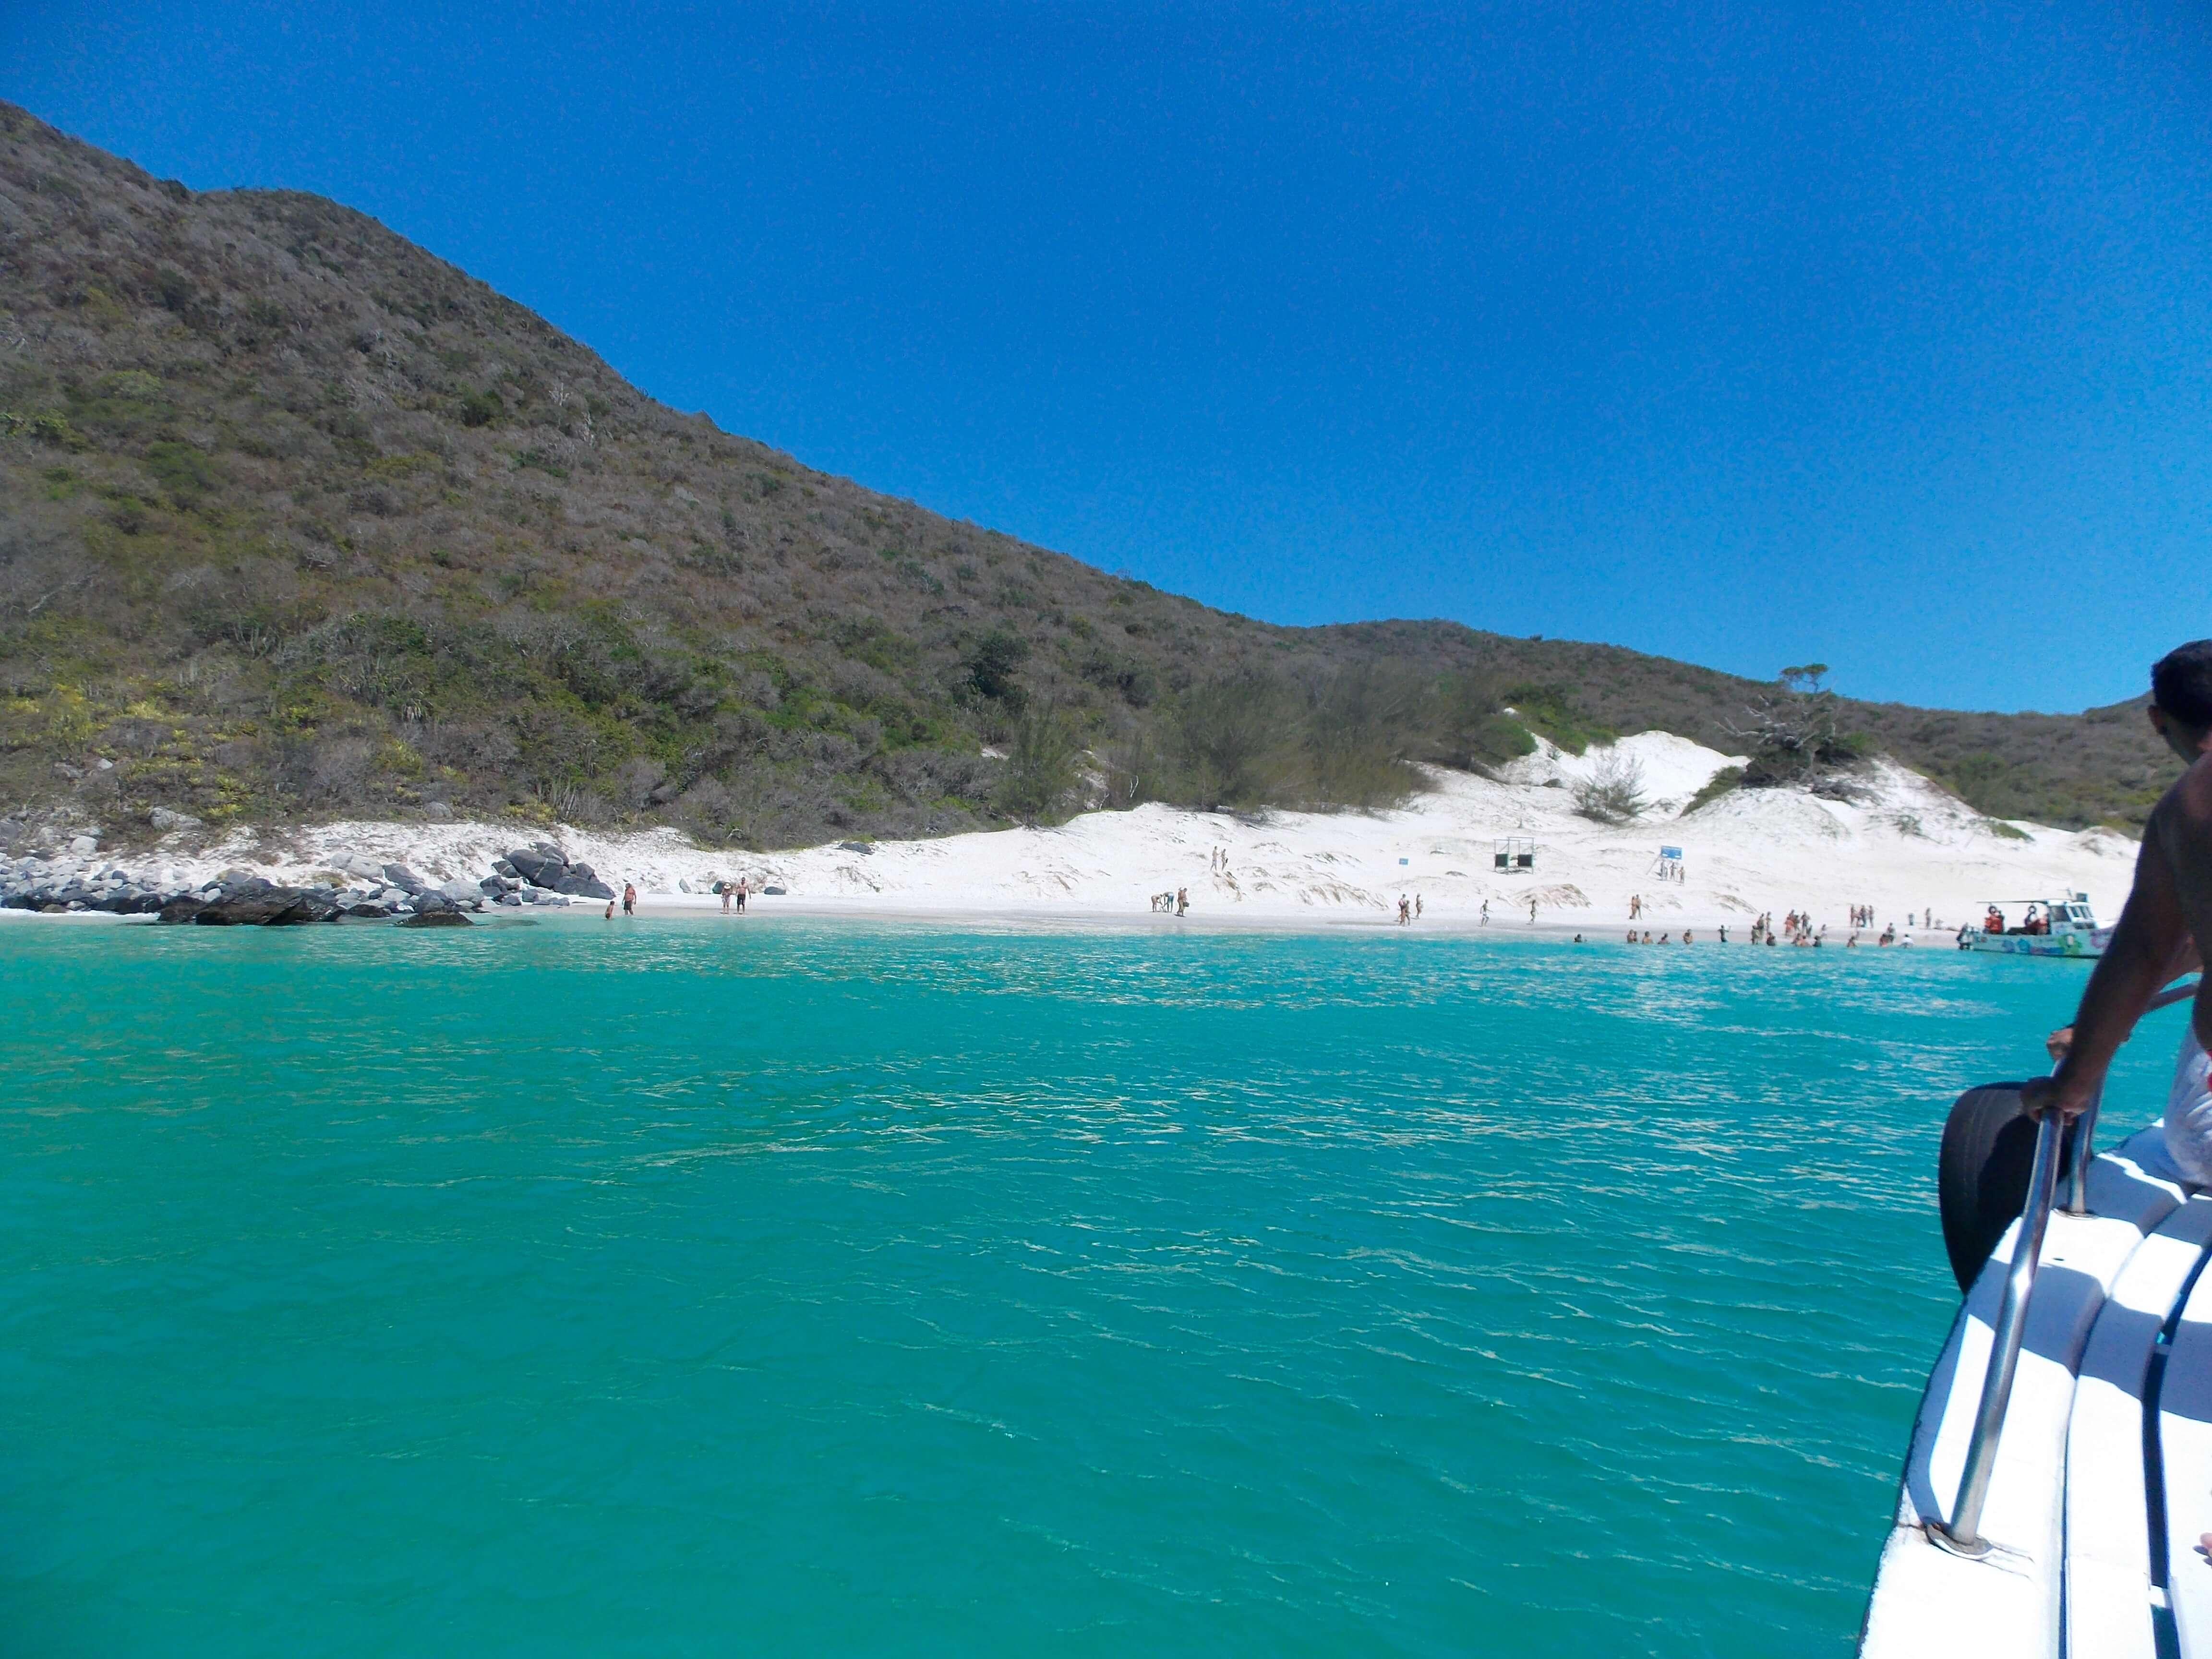 Passeio do barco em Arraial do Cabo